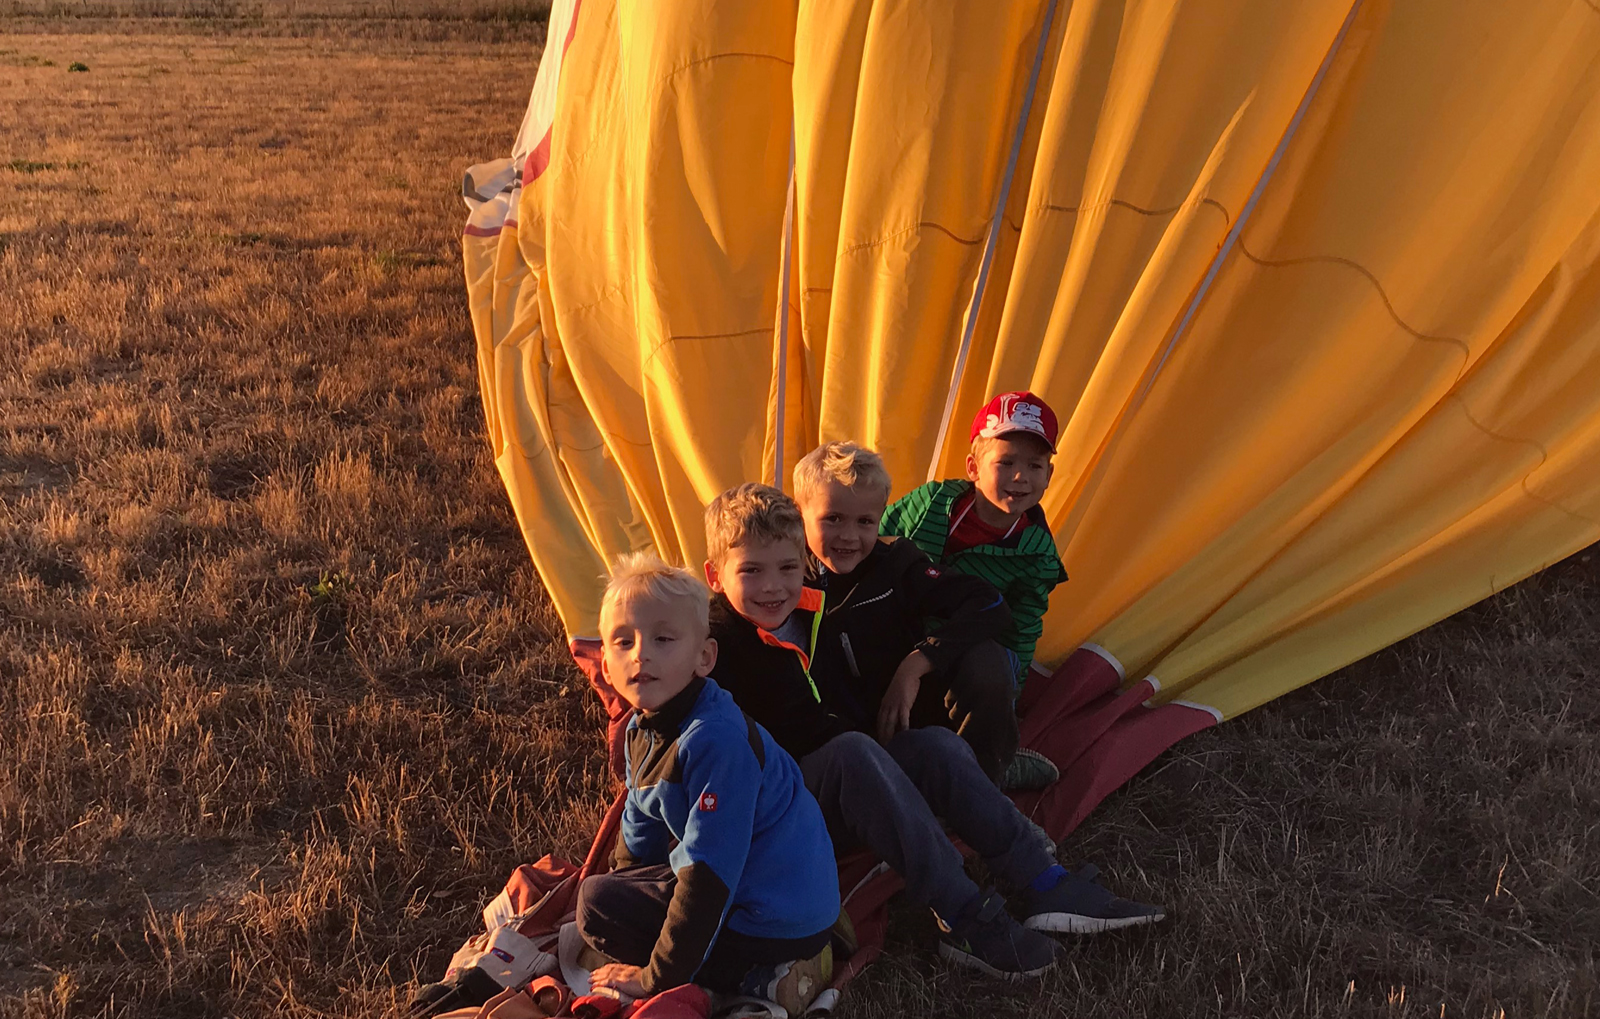 ballonfahrt-grimma-kokopelli-bg3